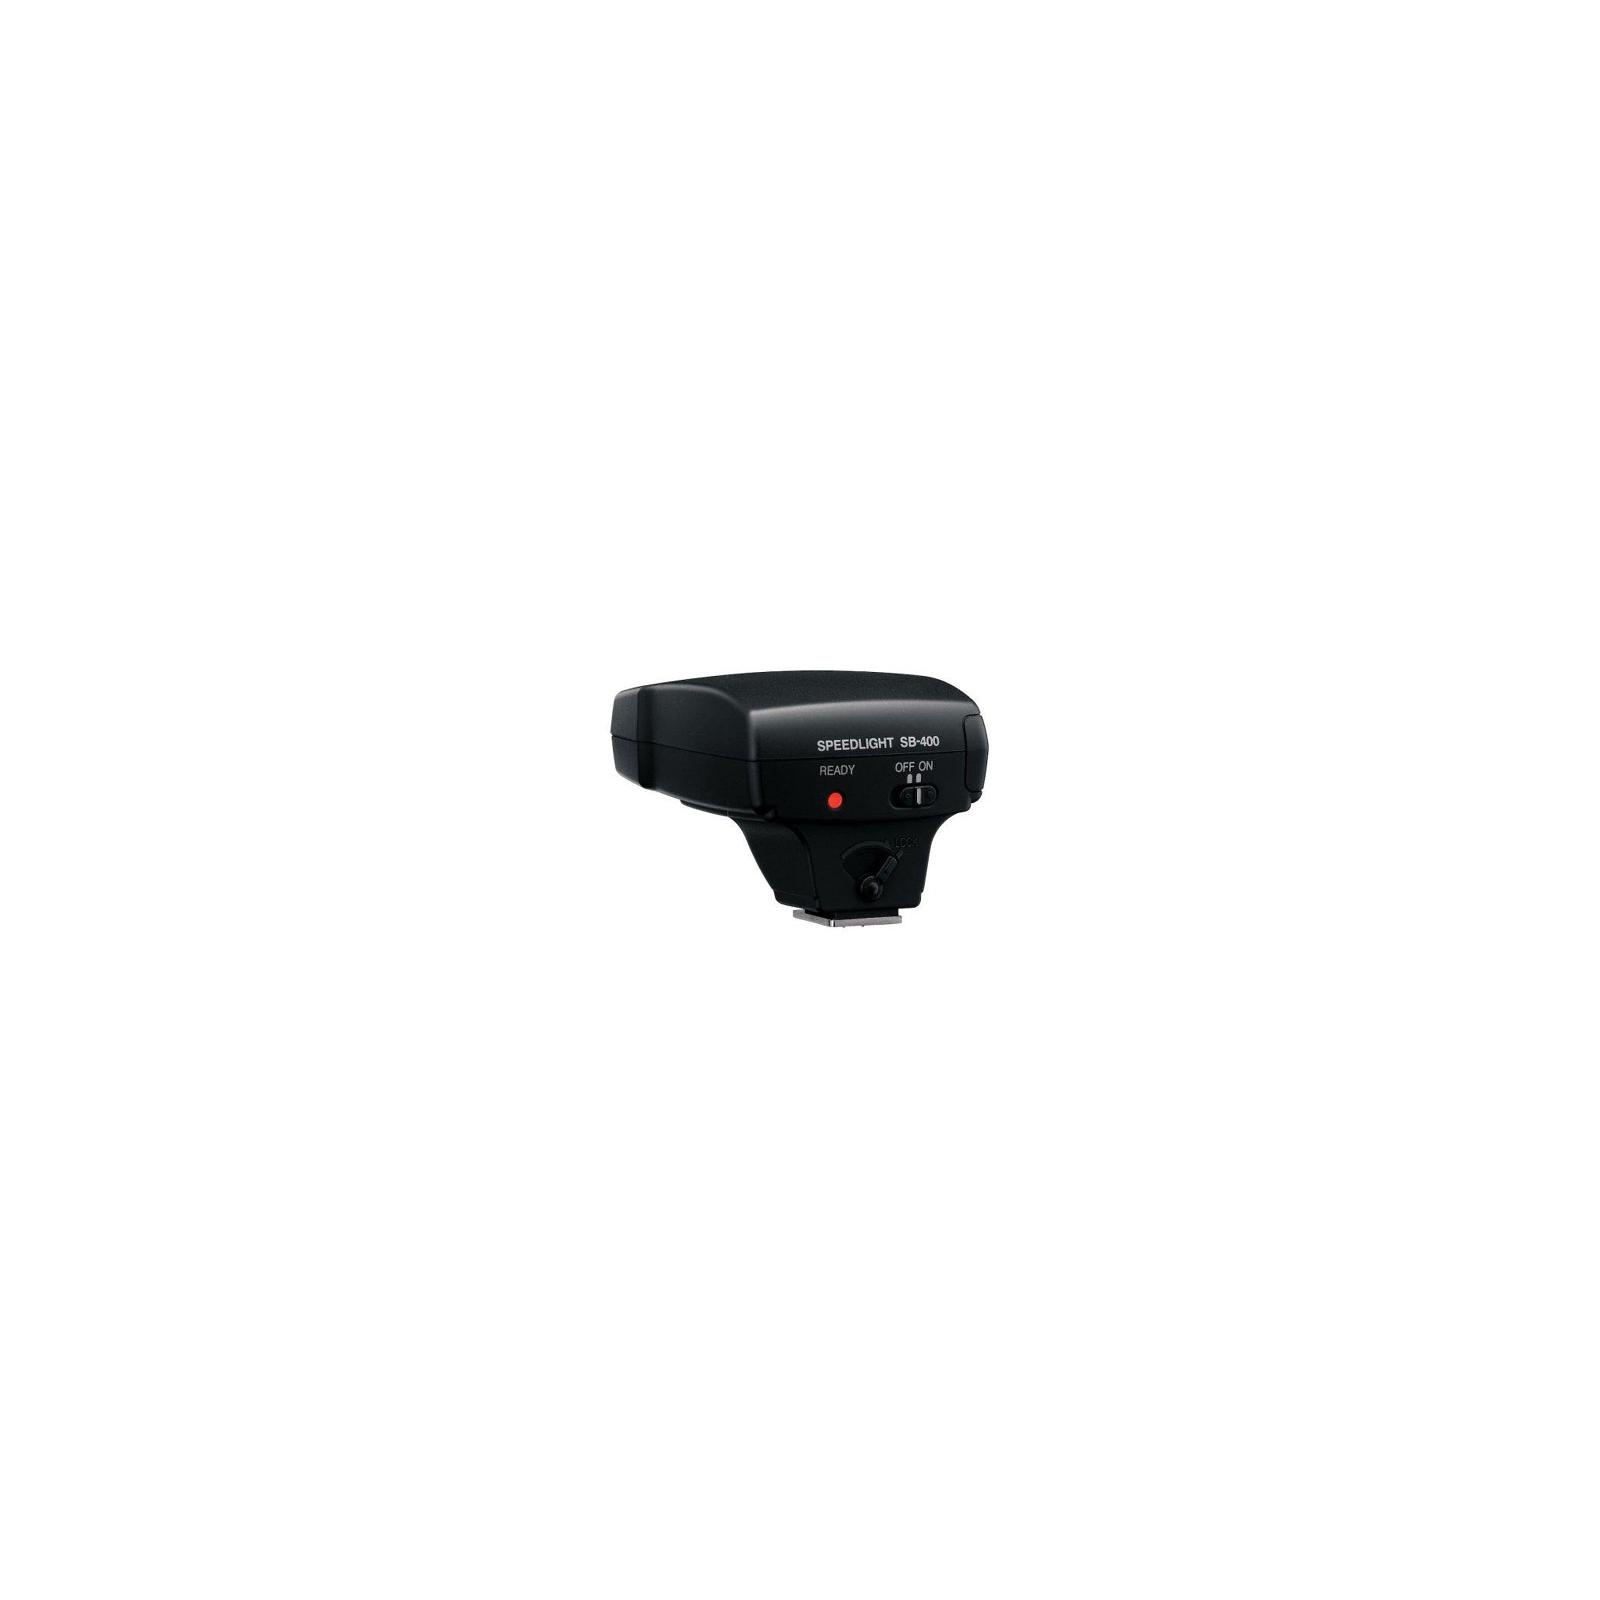 Вспышка Speedlight SB-400 Nikon (FSA03701) изображение 2